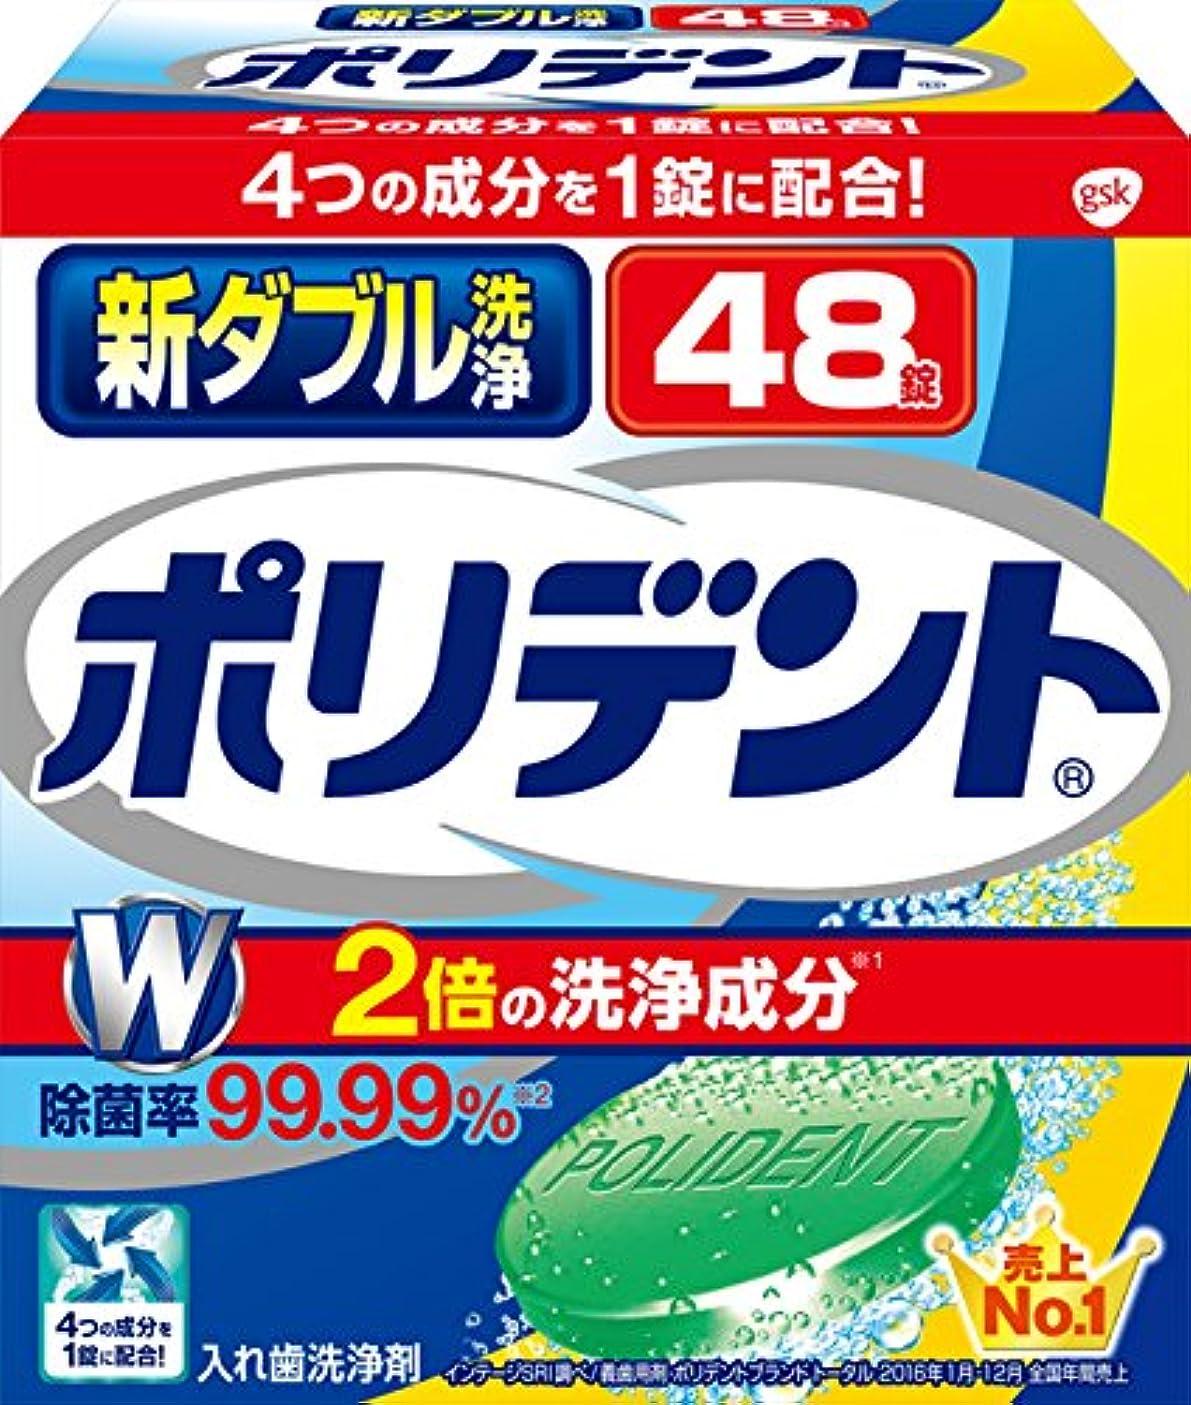 消化器呼吸一般的に入れ歯洗浄剤 新ダブル洗浄 ポリデント  2倍の洗浄成分 48錠